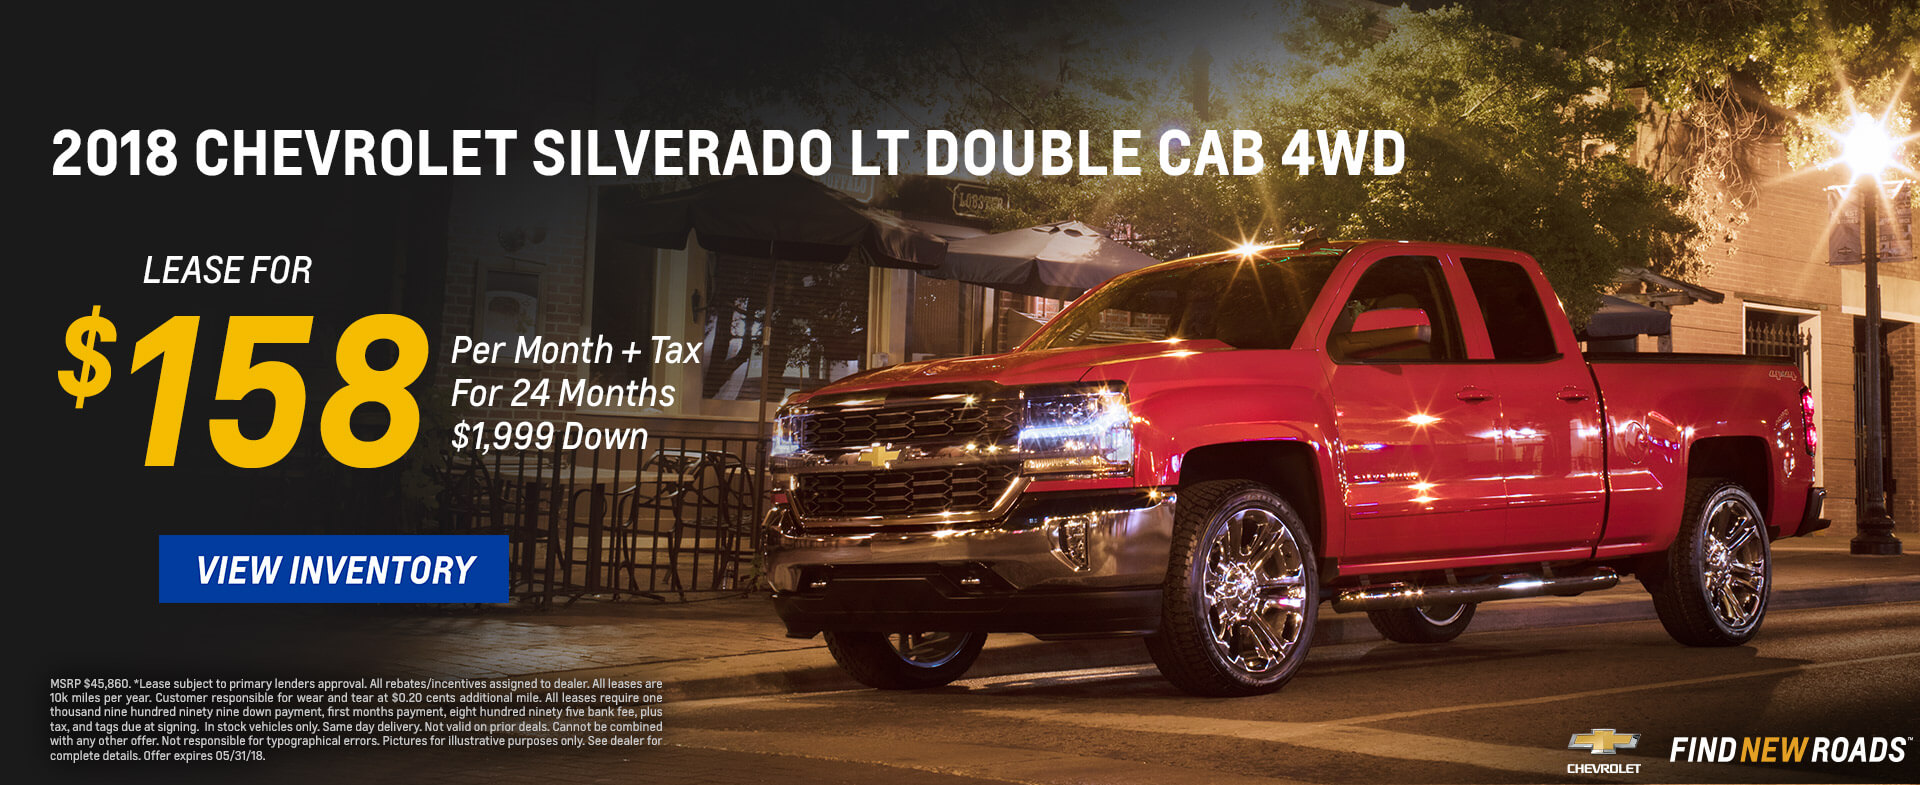 Chevrolet Silverado $158 Lease